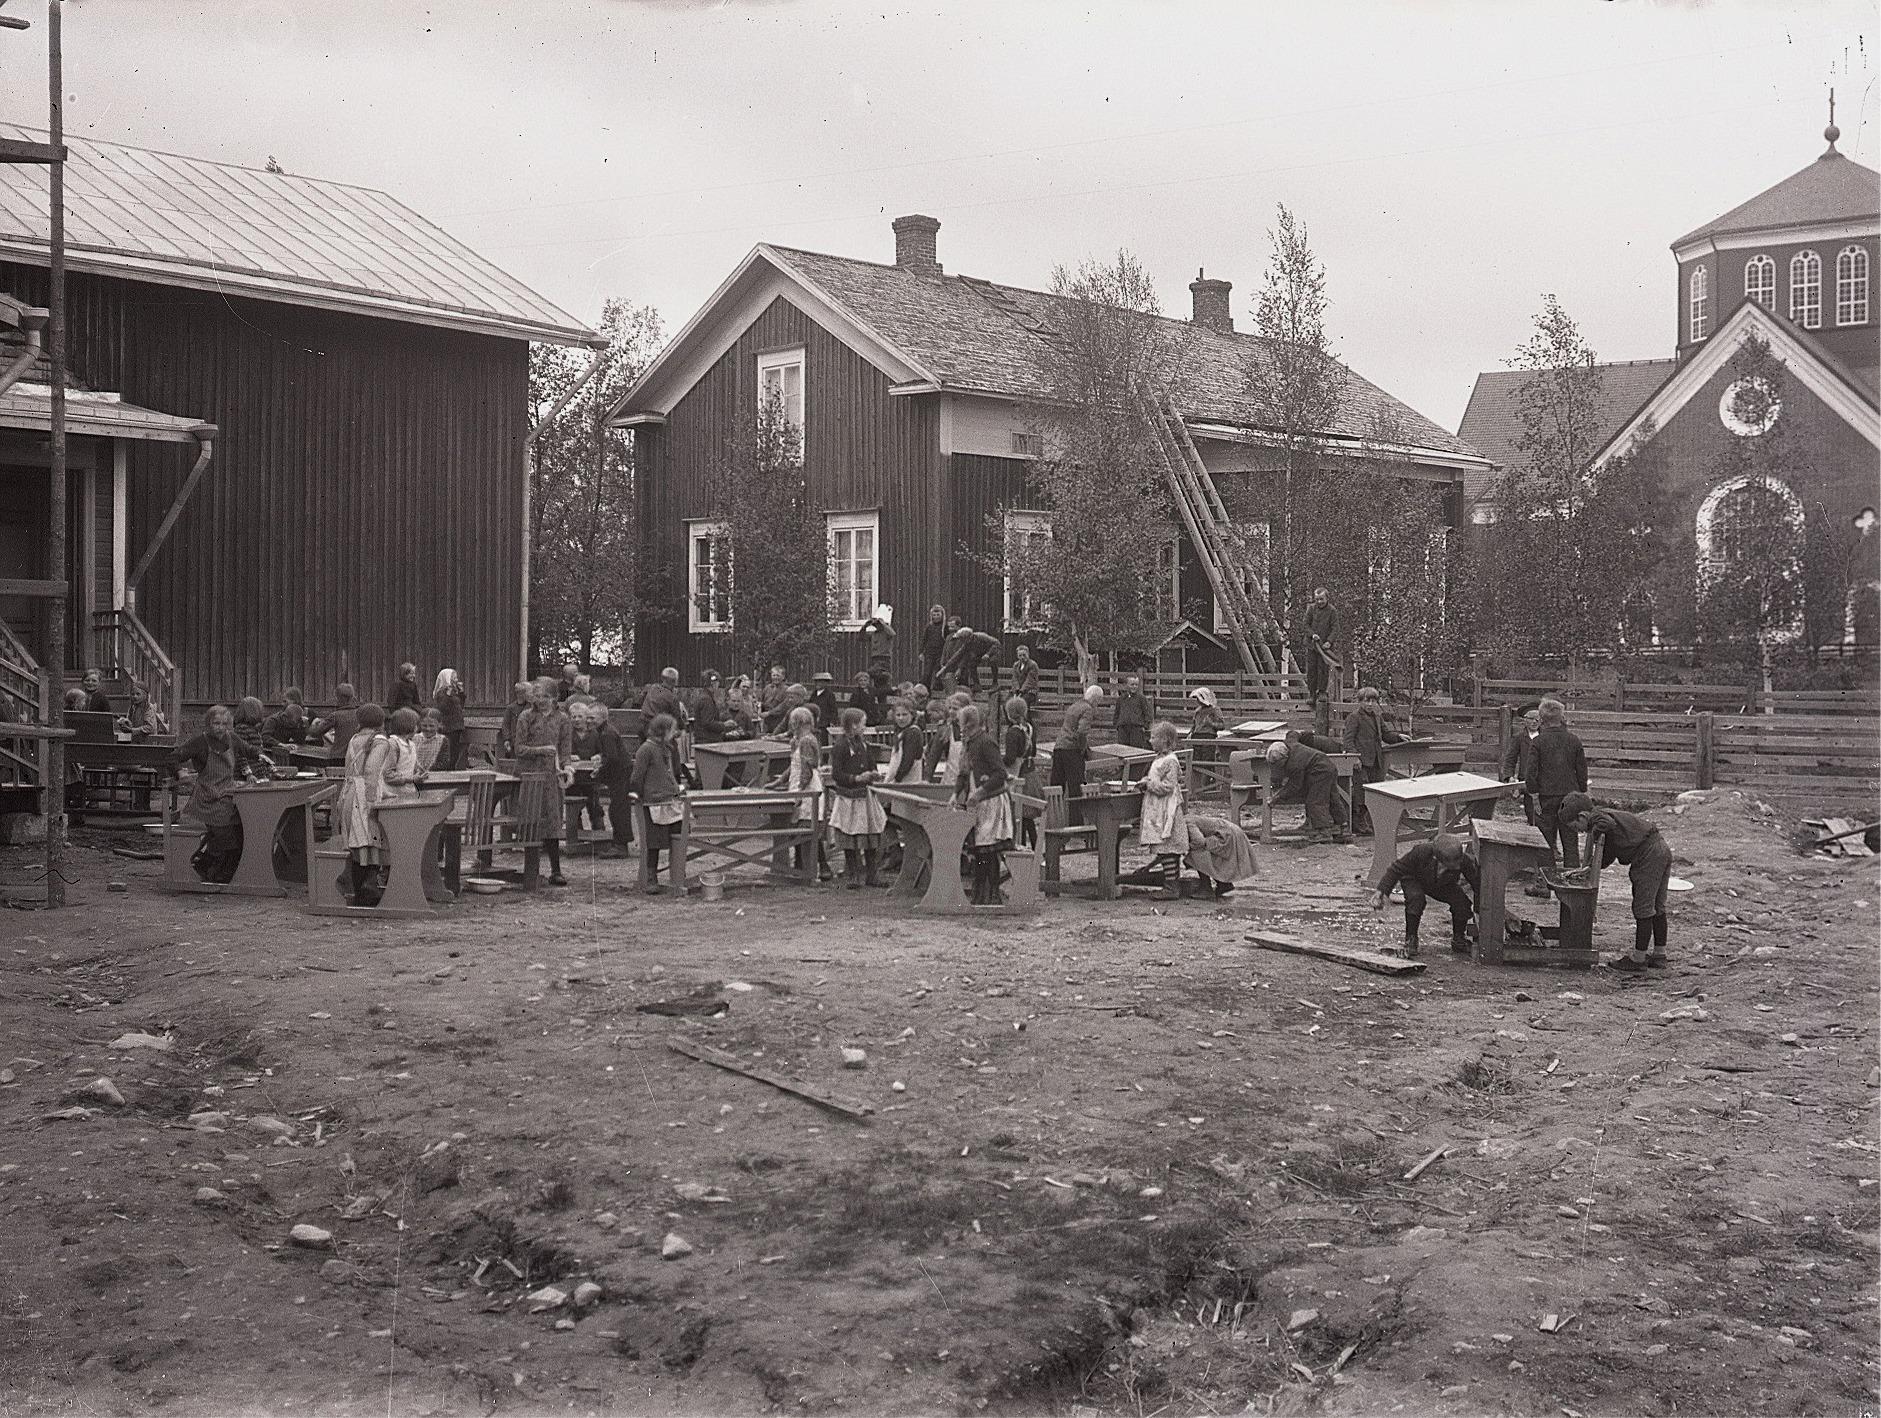 Här är det storstädning i skolan, då till och med pulpeterna förs ut på gården för att tvättas.